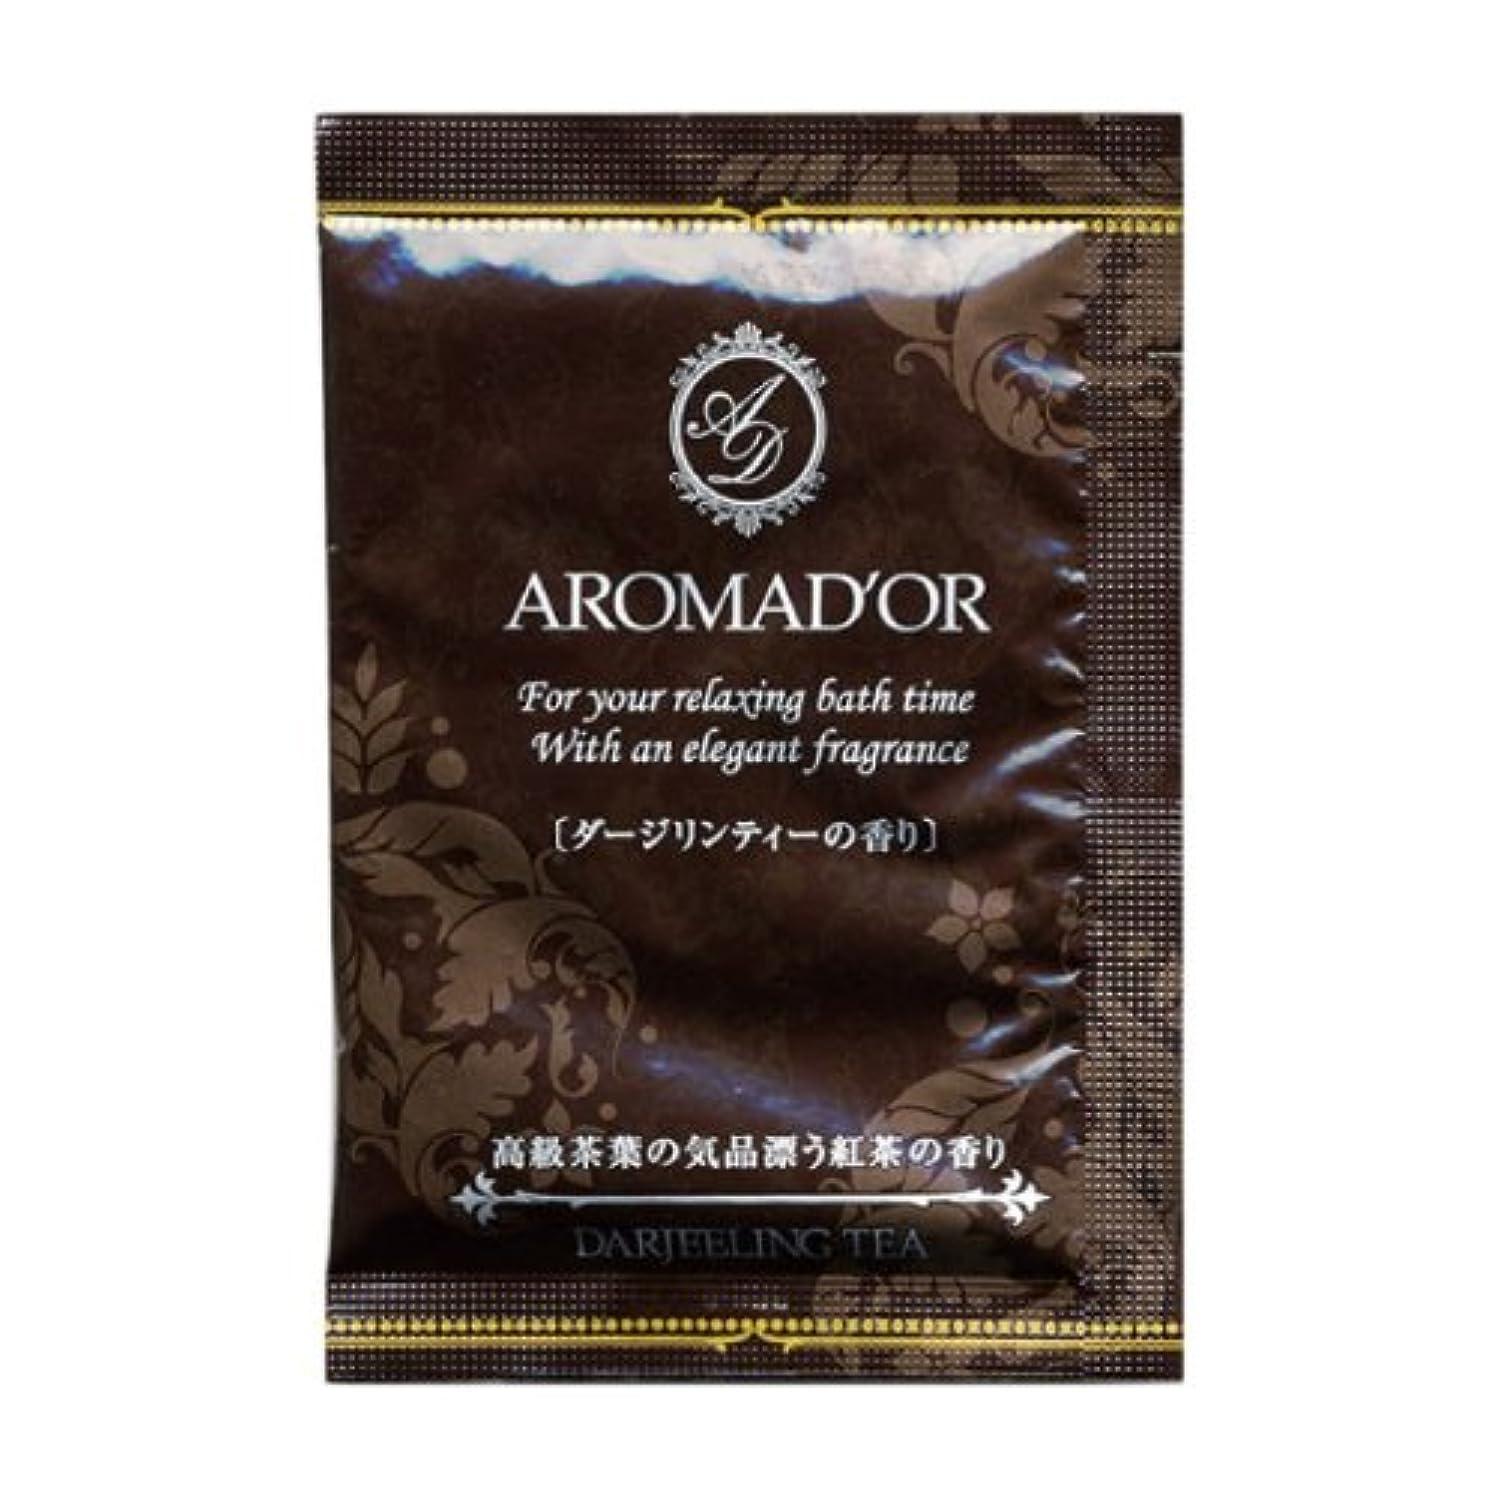 熟したクレジット剥離アロマドール入浴剤 ダージリンティーの香り 12包